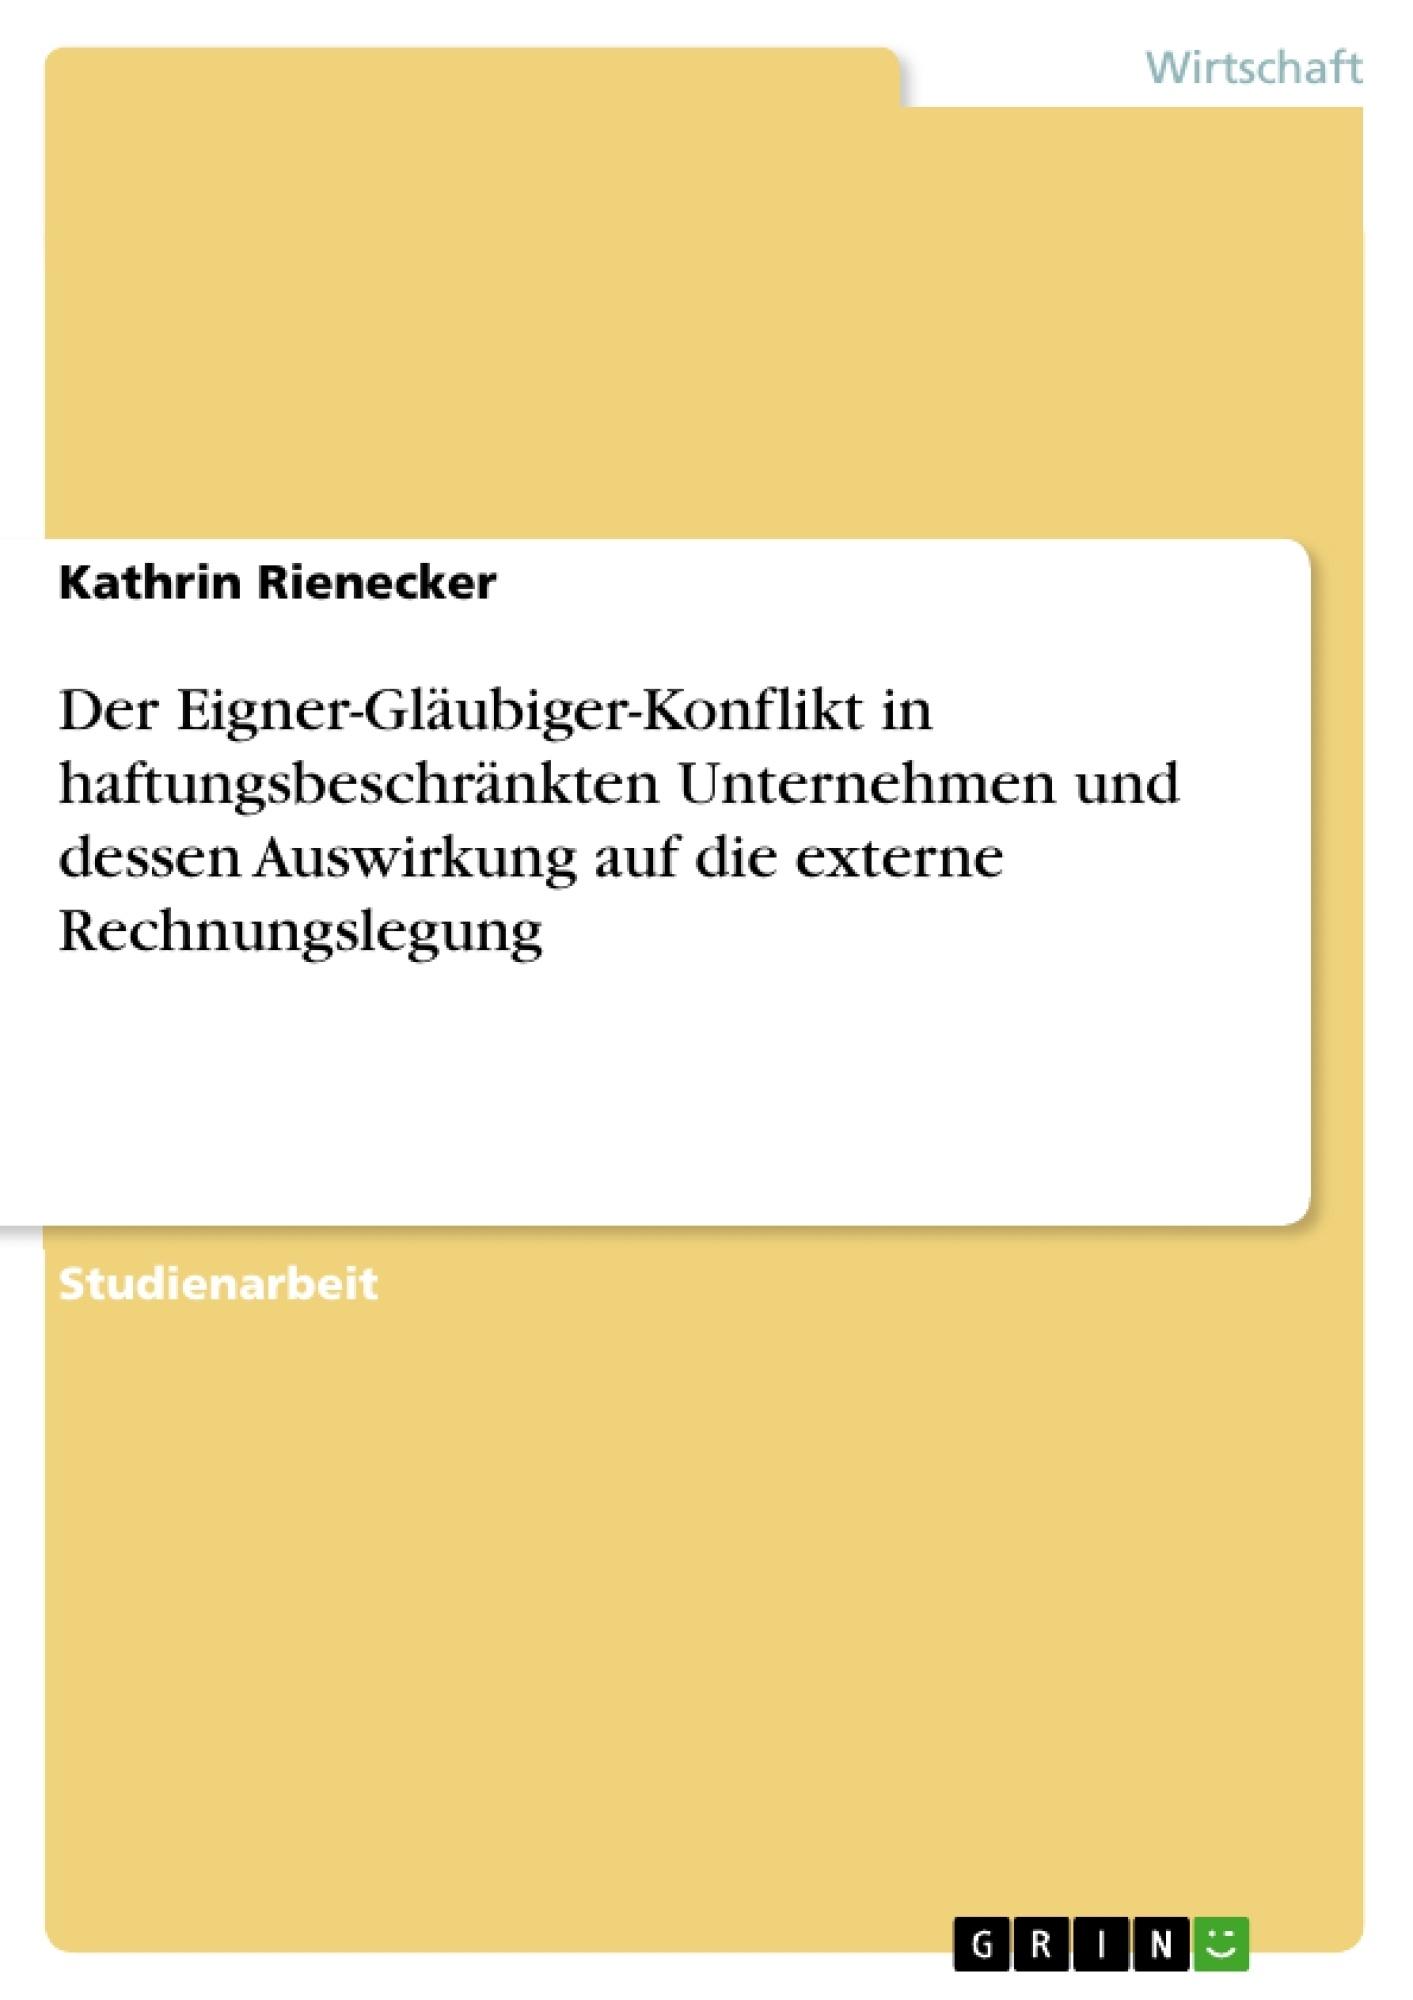 Titel: Der Eigner-Gläubiger-Konflikt in haftungsbeschränkten Unternehmen und dessen Auswirkung auf die externe Rechnungslegung